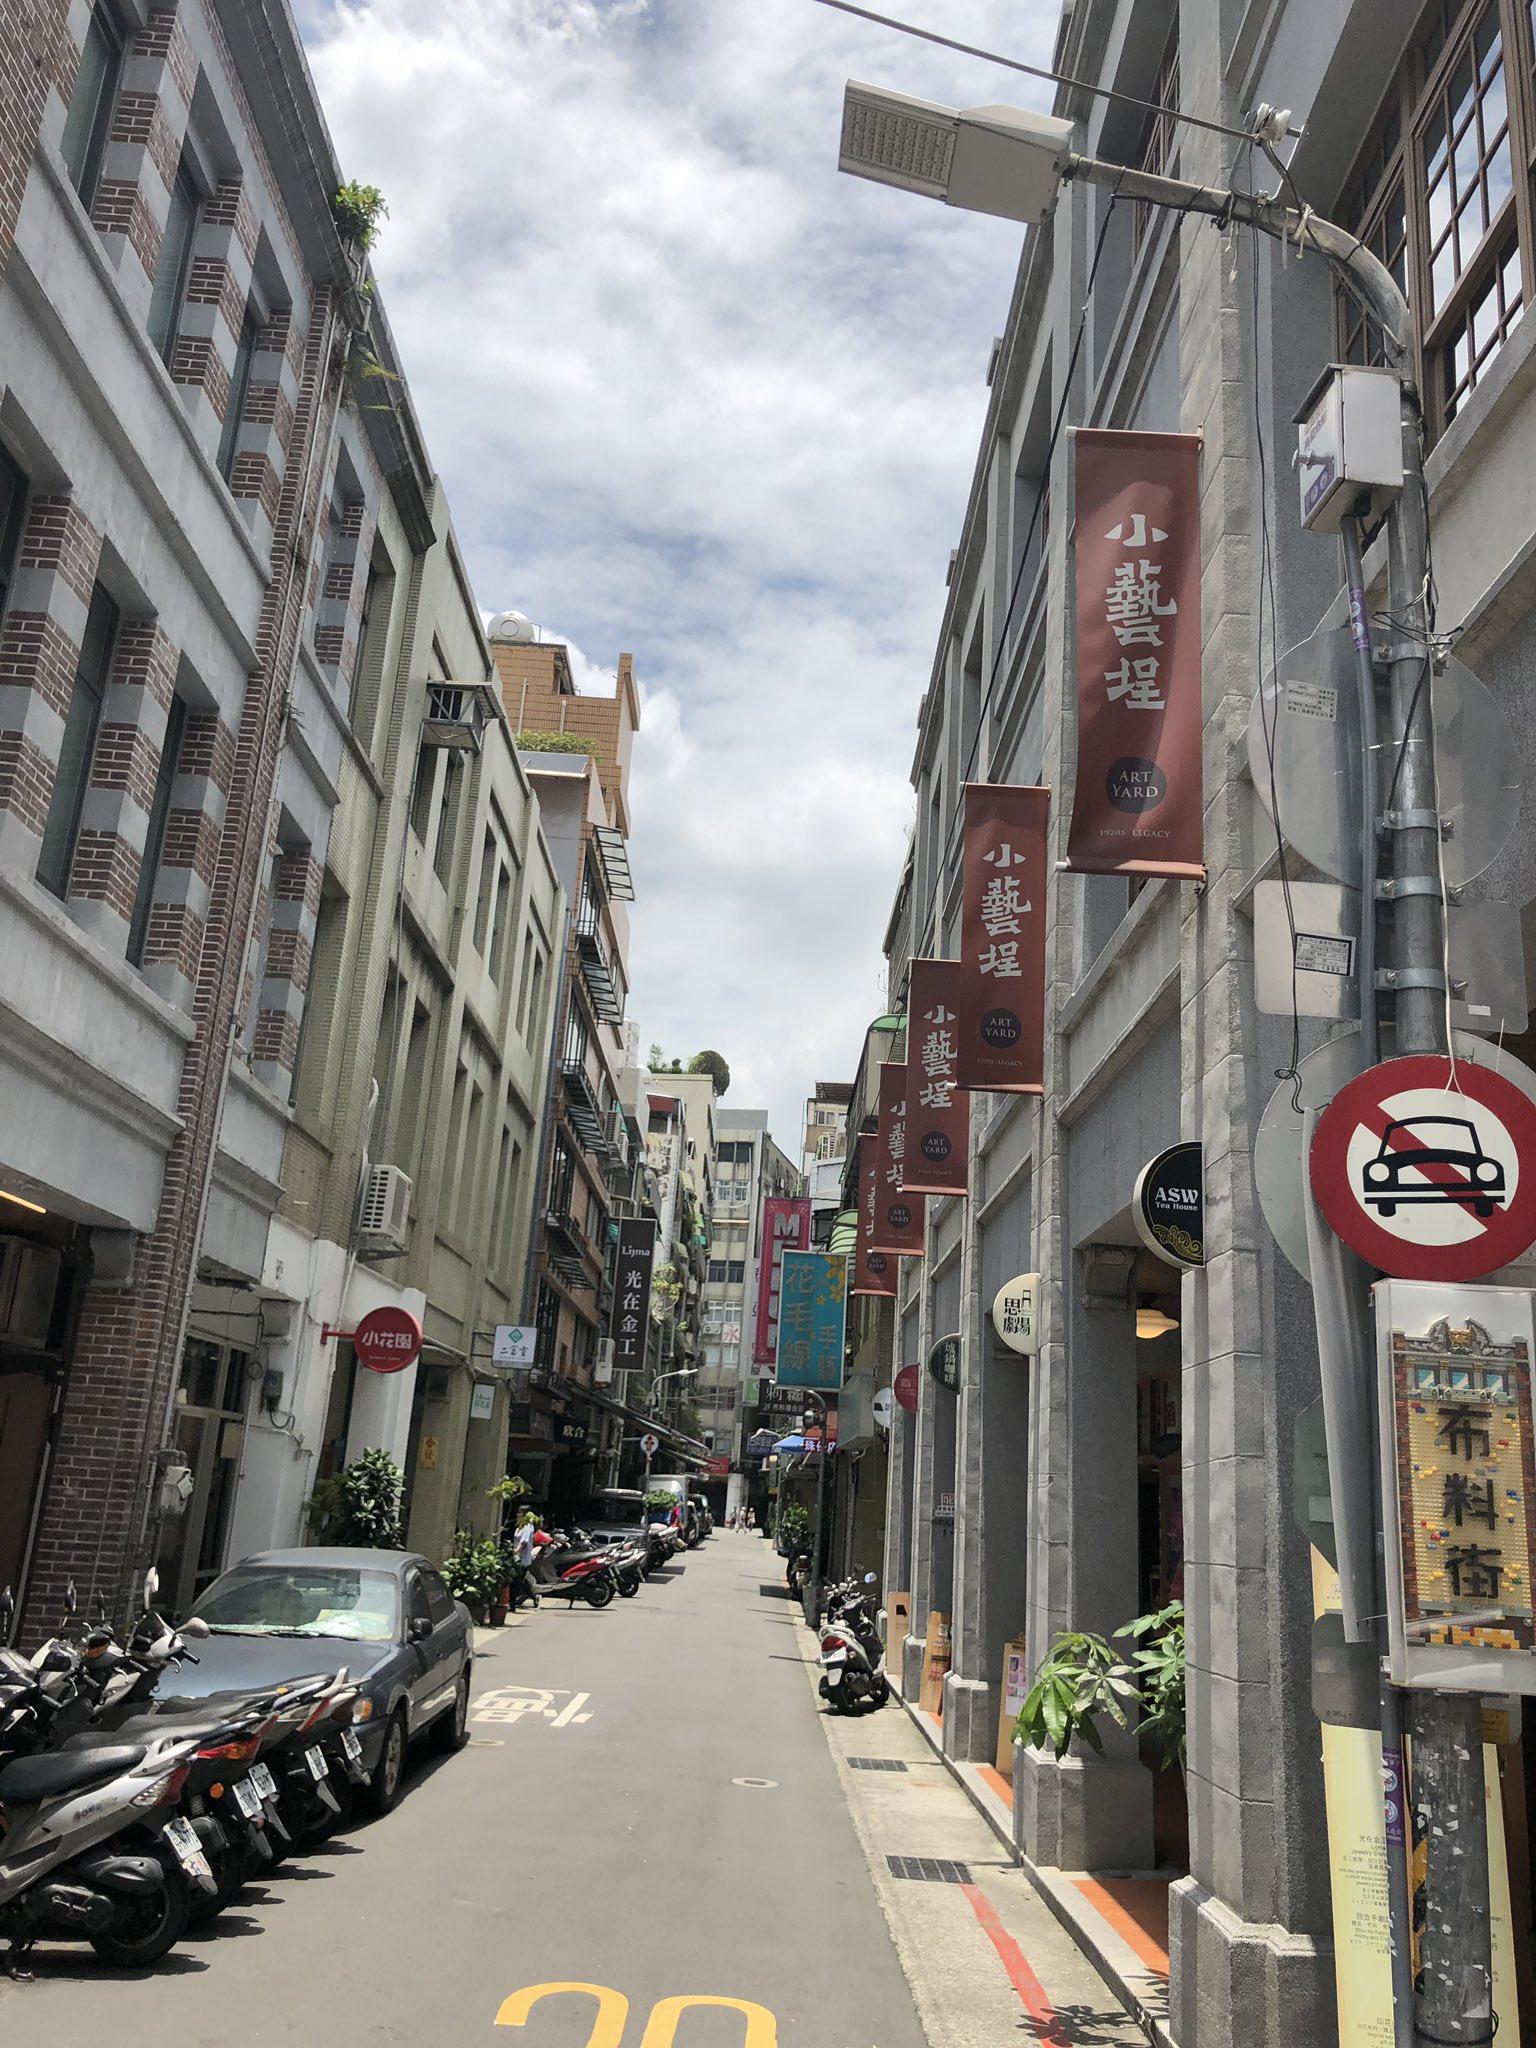 台湾は台北なら一泊二日、その気になれば日帰りも可能だしLCC使えば東京〜大阪より安く行くことが可能なので「もうだめだ異世界に逃げてえ」ってなったら是非オススメ